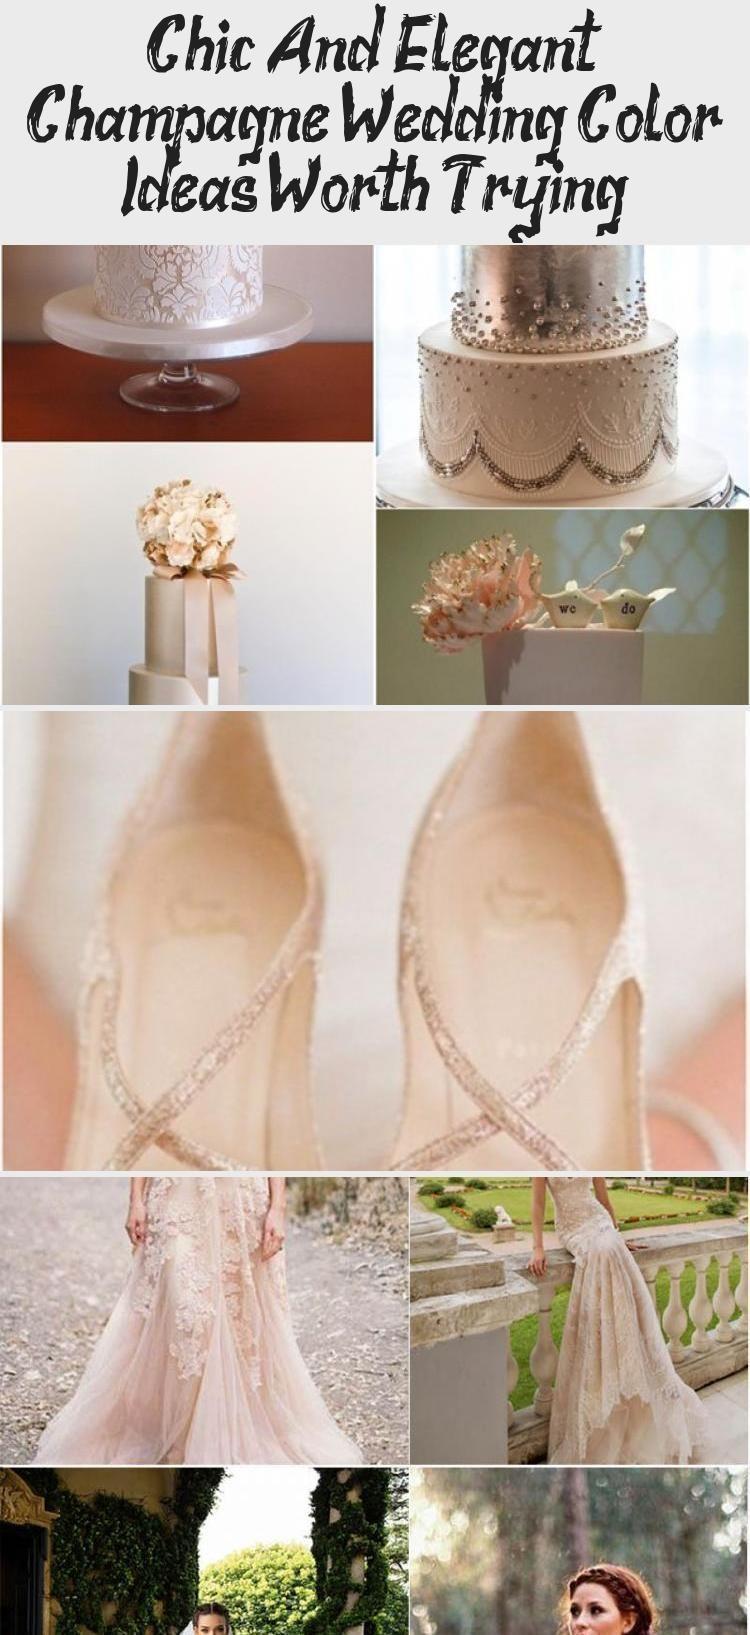 Schicke und elegante Champagner Hochzeit Farbideen, die es wert sind, ausprobier...#ausprobier #champagner #die #elegante #farbideen #hochzeit #schicke #sind #und #wert